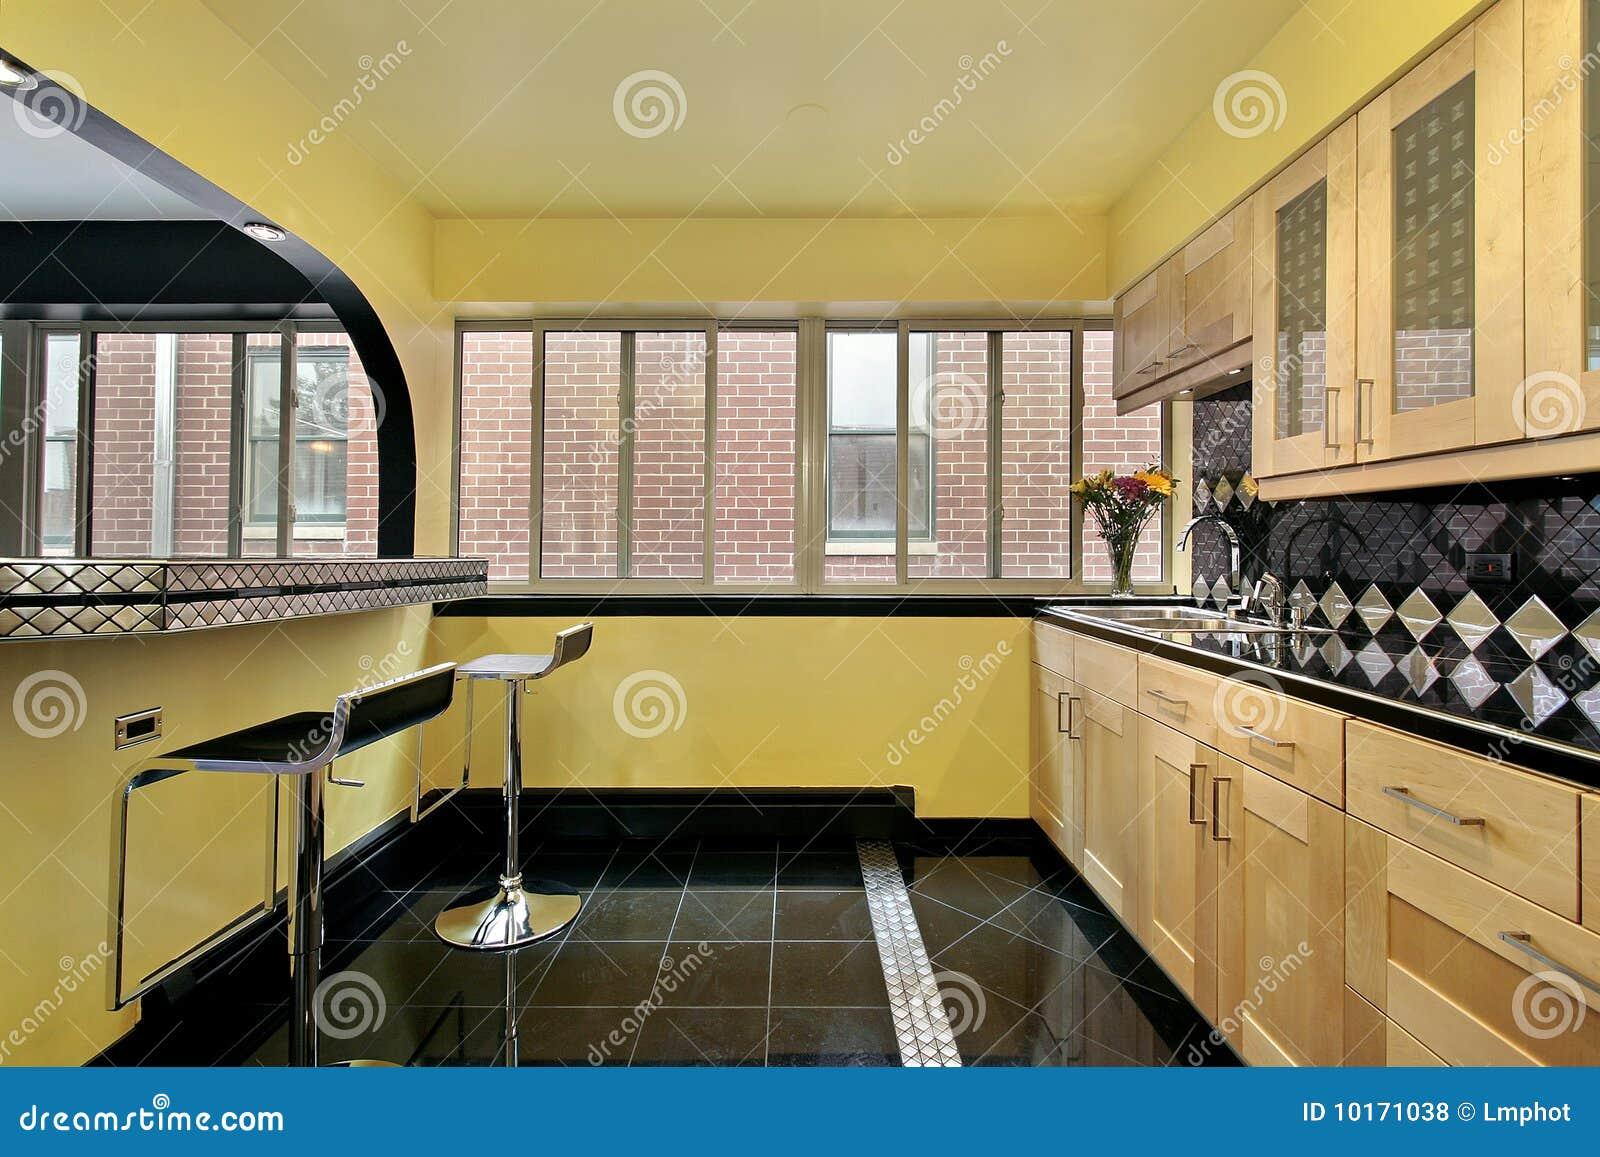 Küche mit gelben Wänden stockfoto. Bild von wohnung, vorrichtungen ...